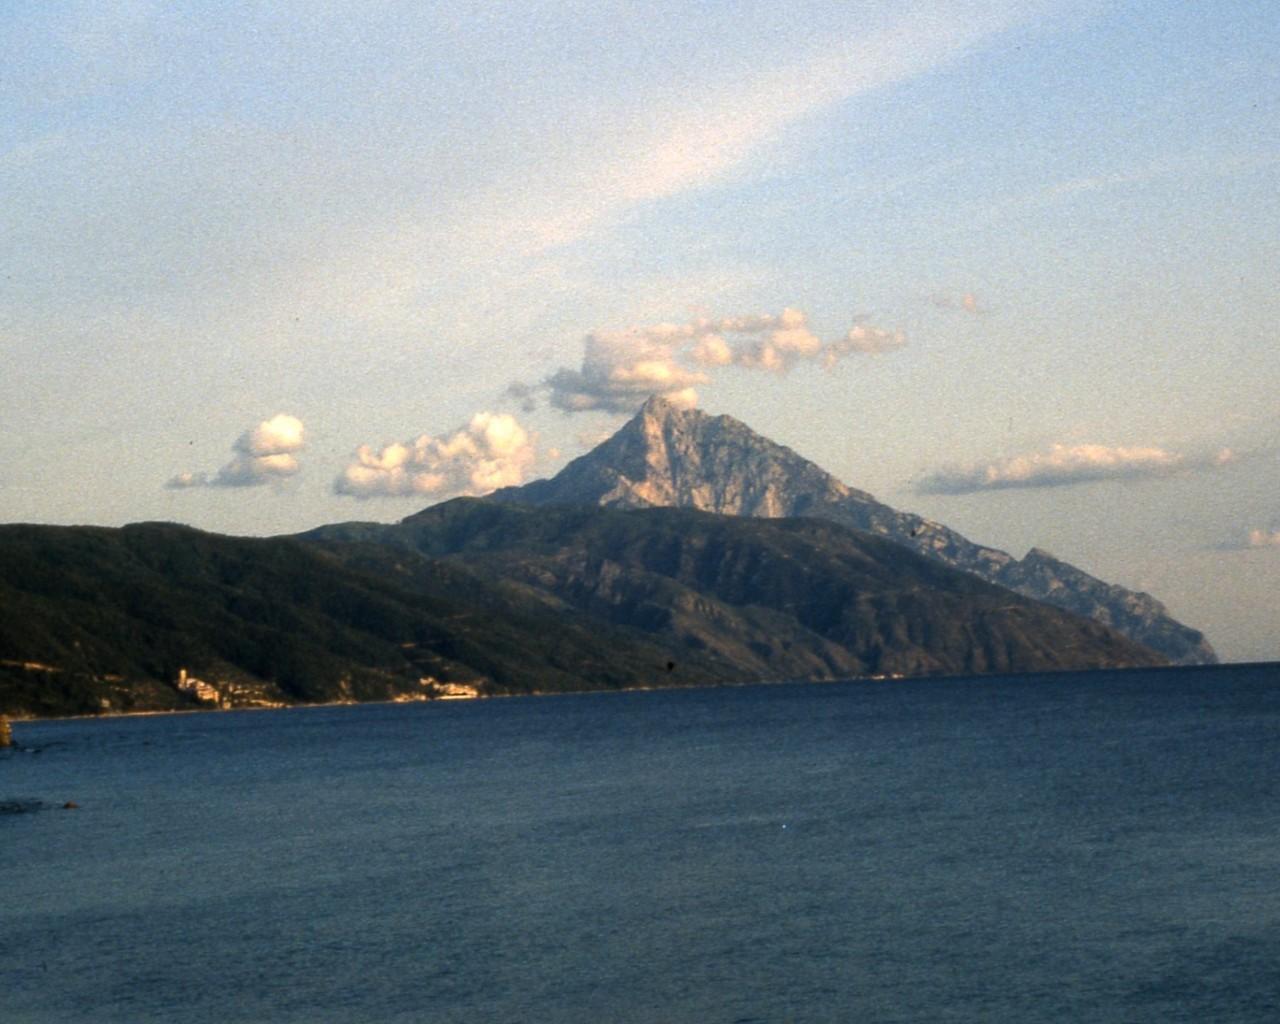 Agios_Oros_peak_Holy_Mount_Athos-with-seacoast-monasteries-picture